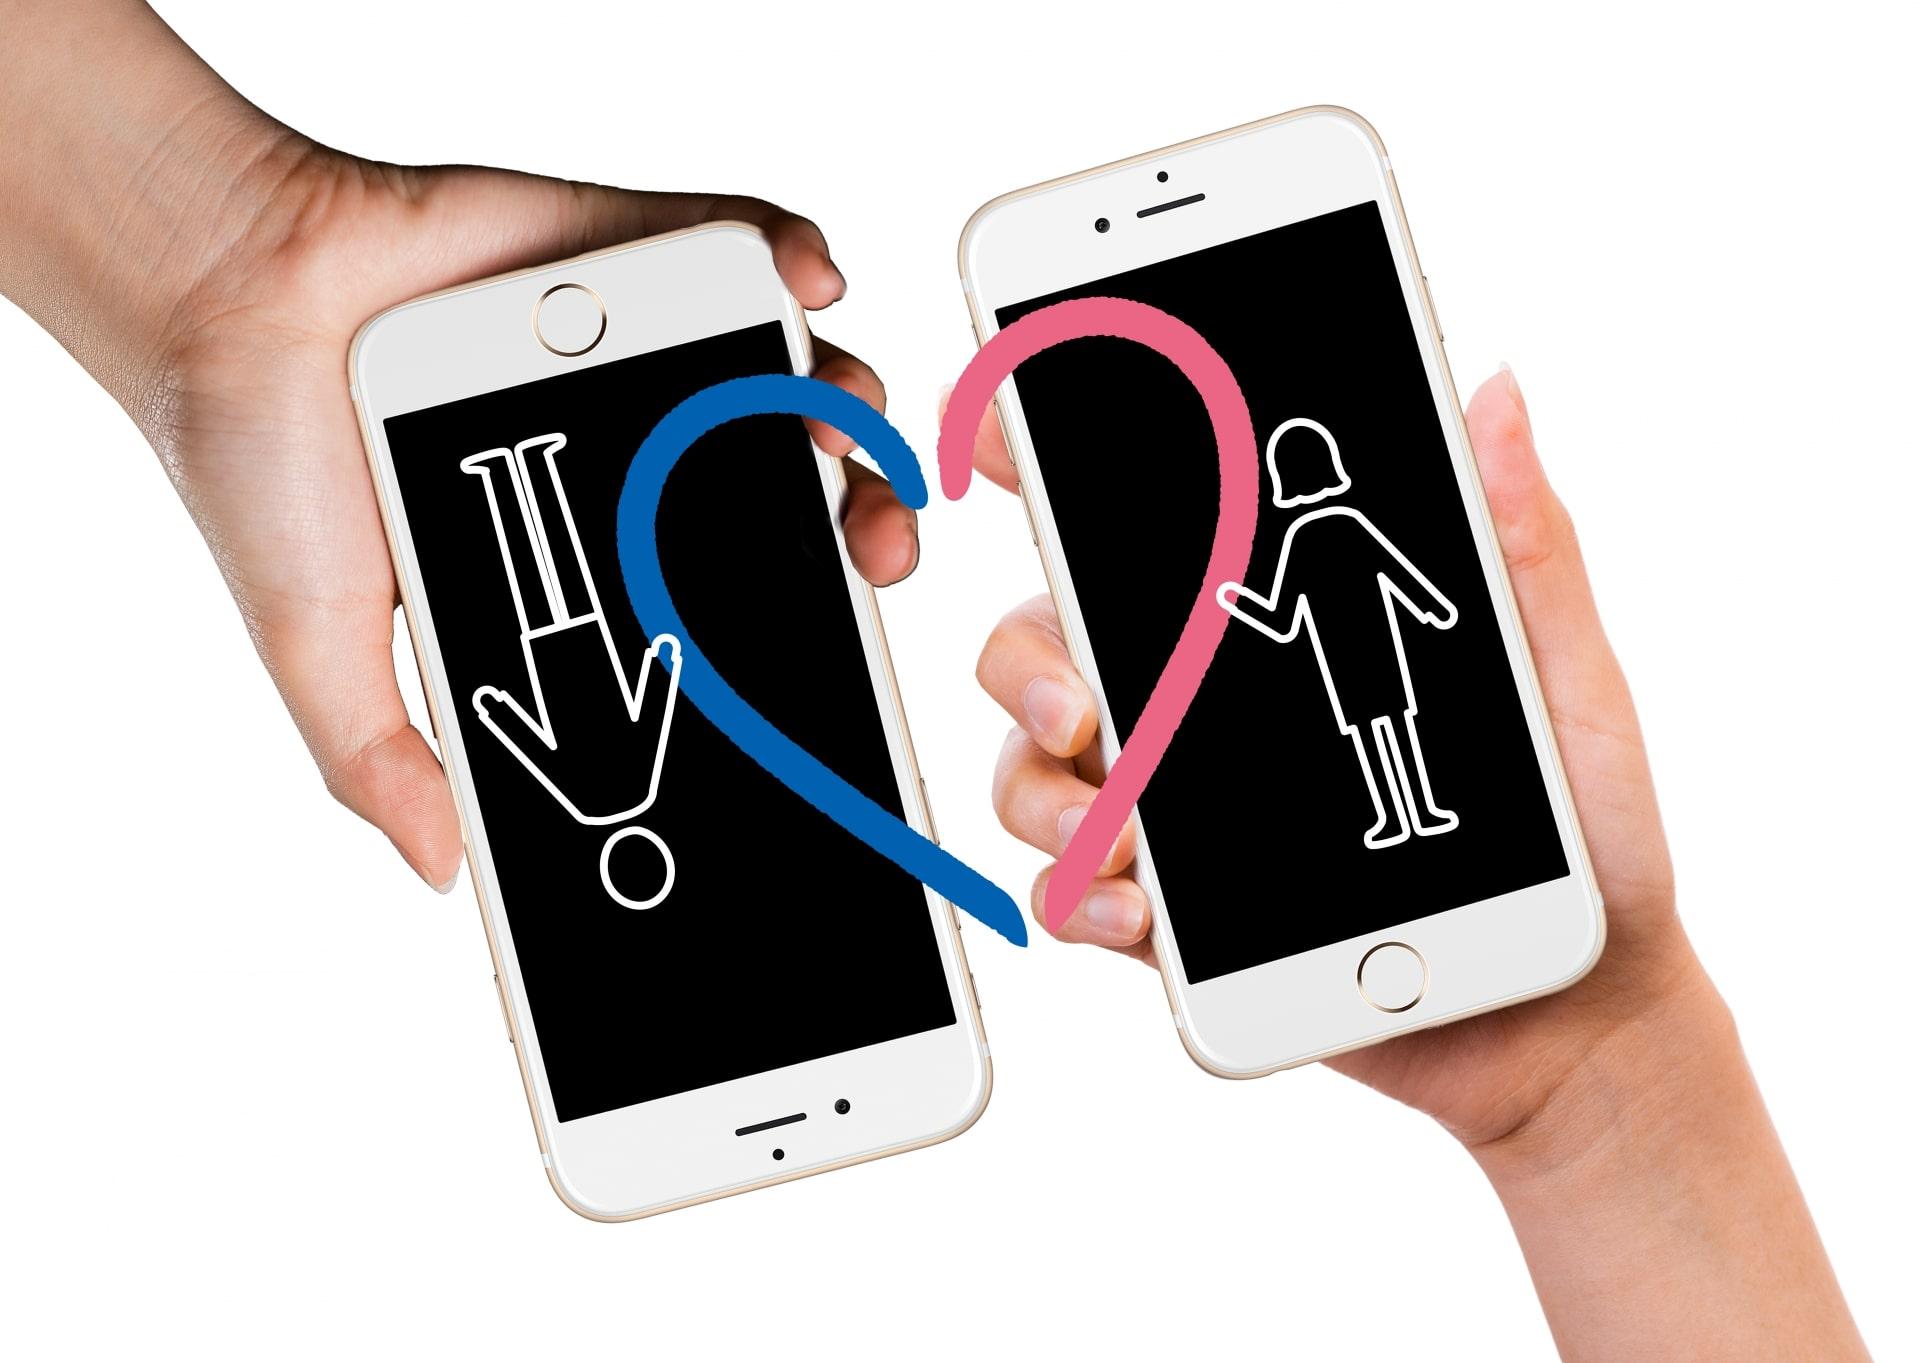 【婚活】データマッチング婚活を成功させる方法